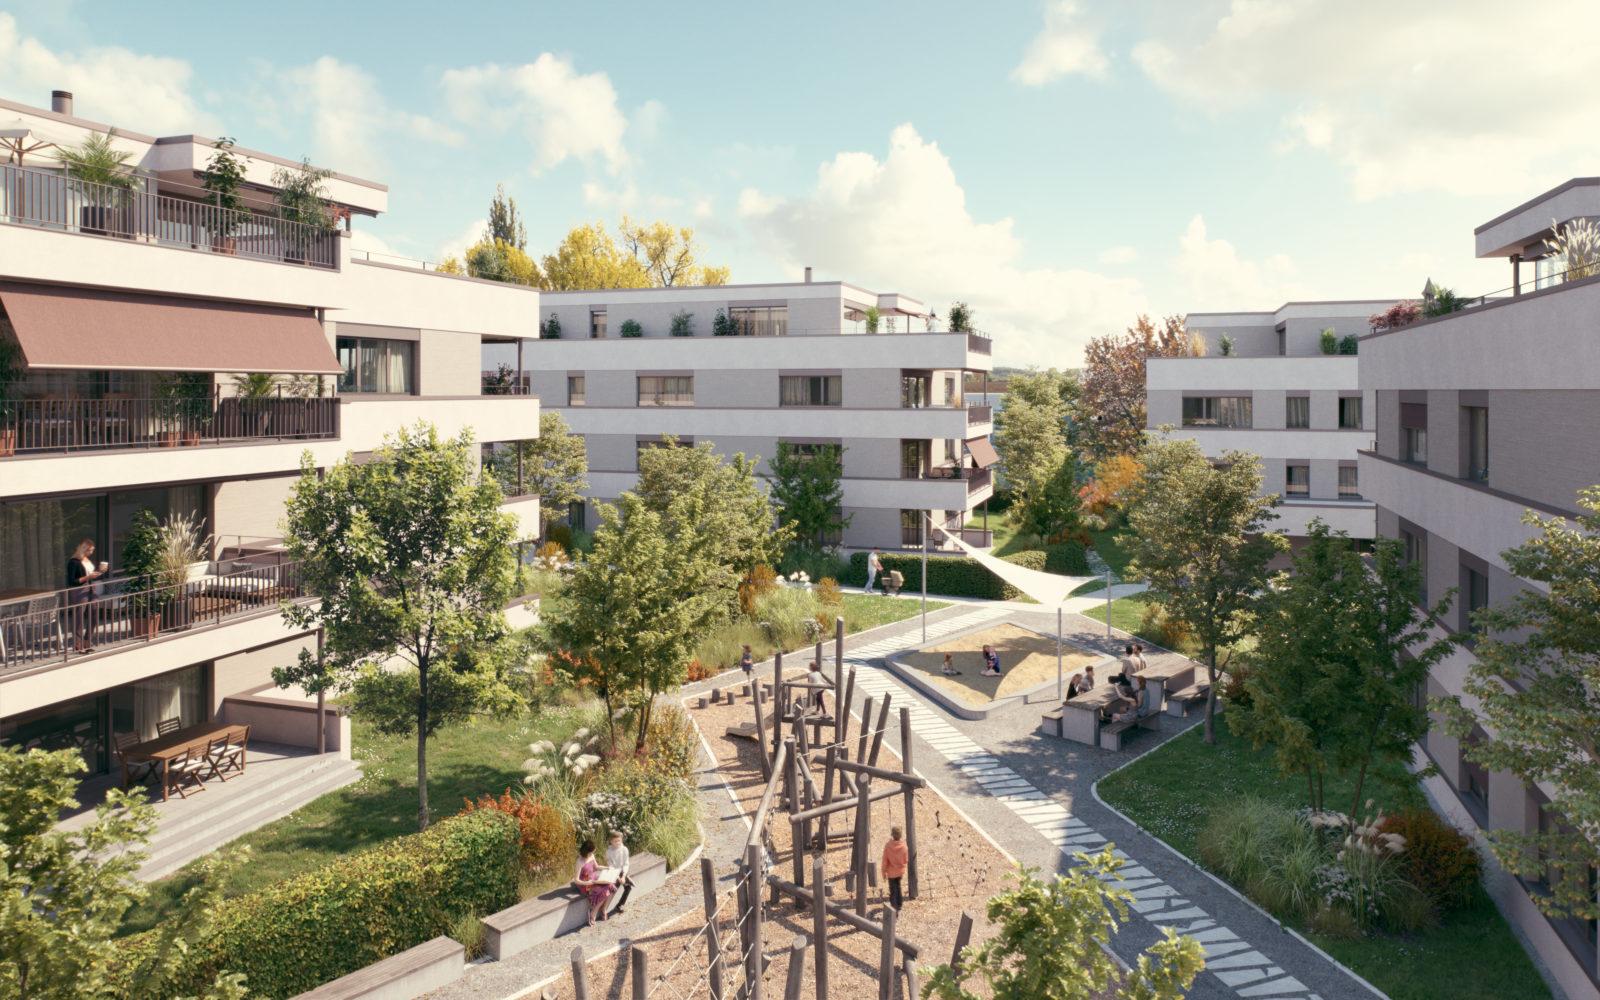 Aargau Baden Niederrohrdorf EVENT: Niederrohrdorf – Attraktives Wohnen